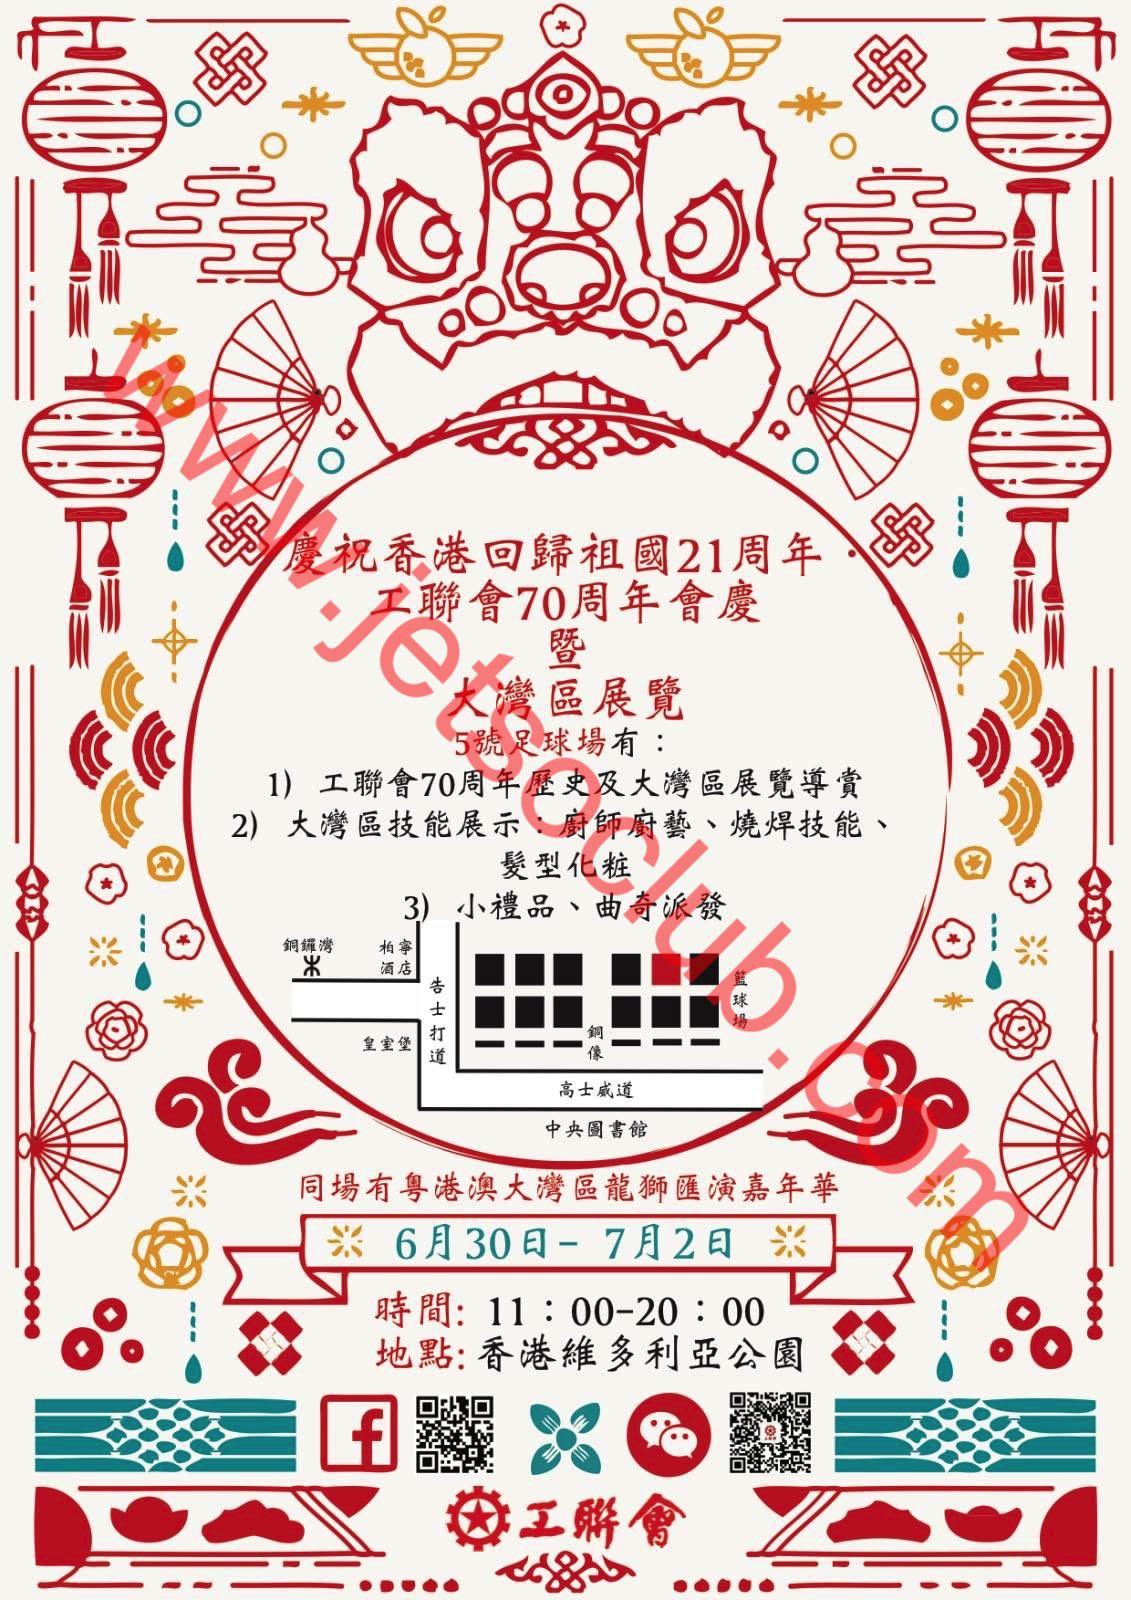 慶祝回歸祖國21周年 工聯會70周年會慶+大灣區展覽(30/6-2/7) ( Jetso Club 著數俱樂部 )